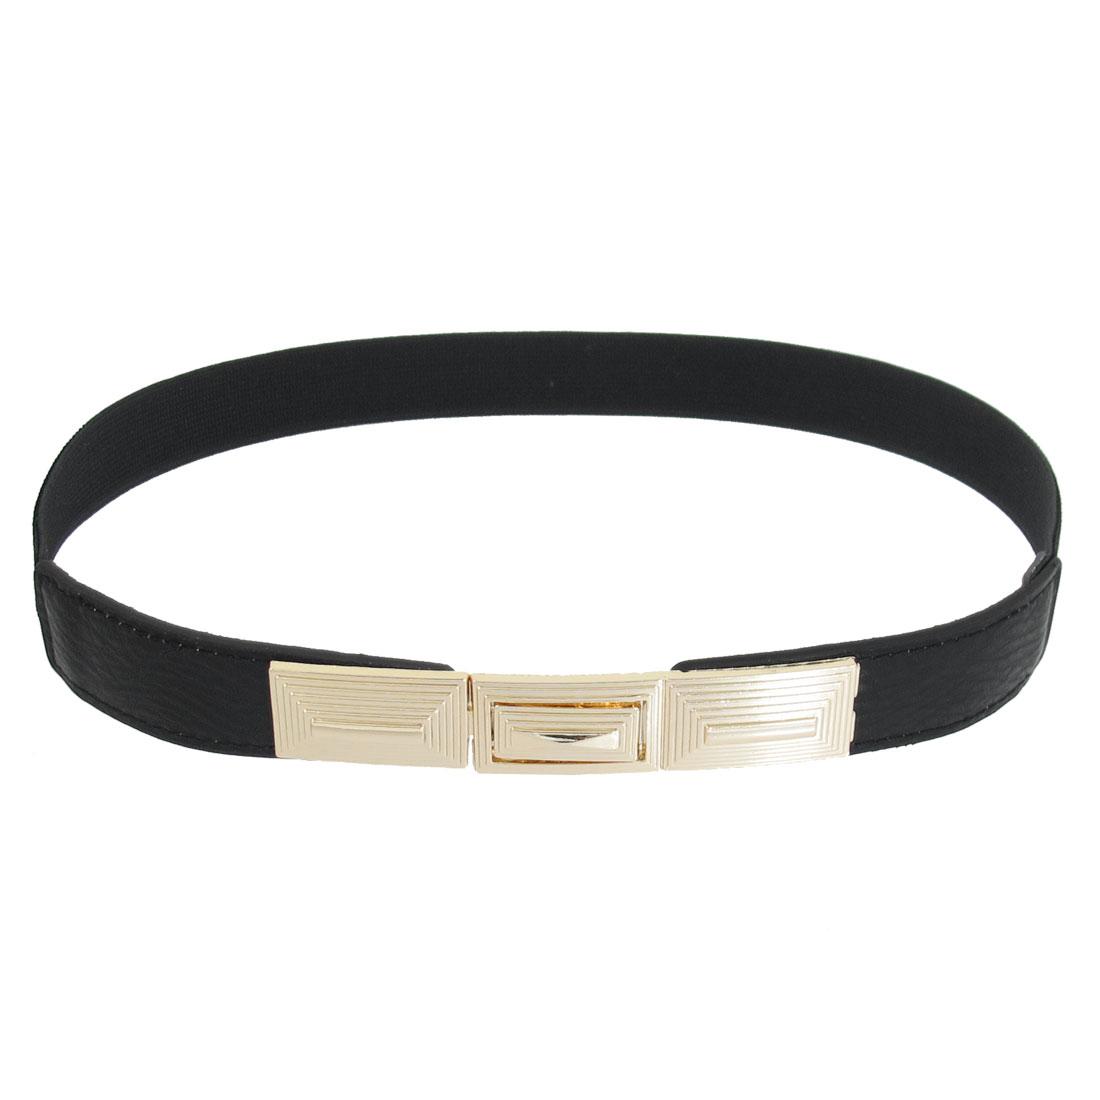 Tierd Stripes Metal Interlocking Buckle Elastic Waist Belt Black for Ladies